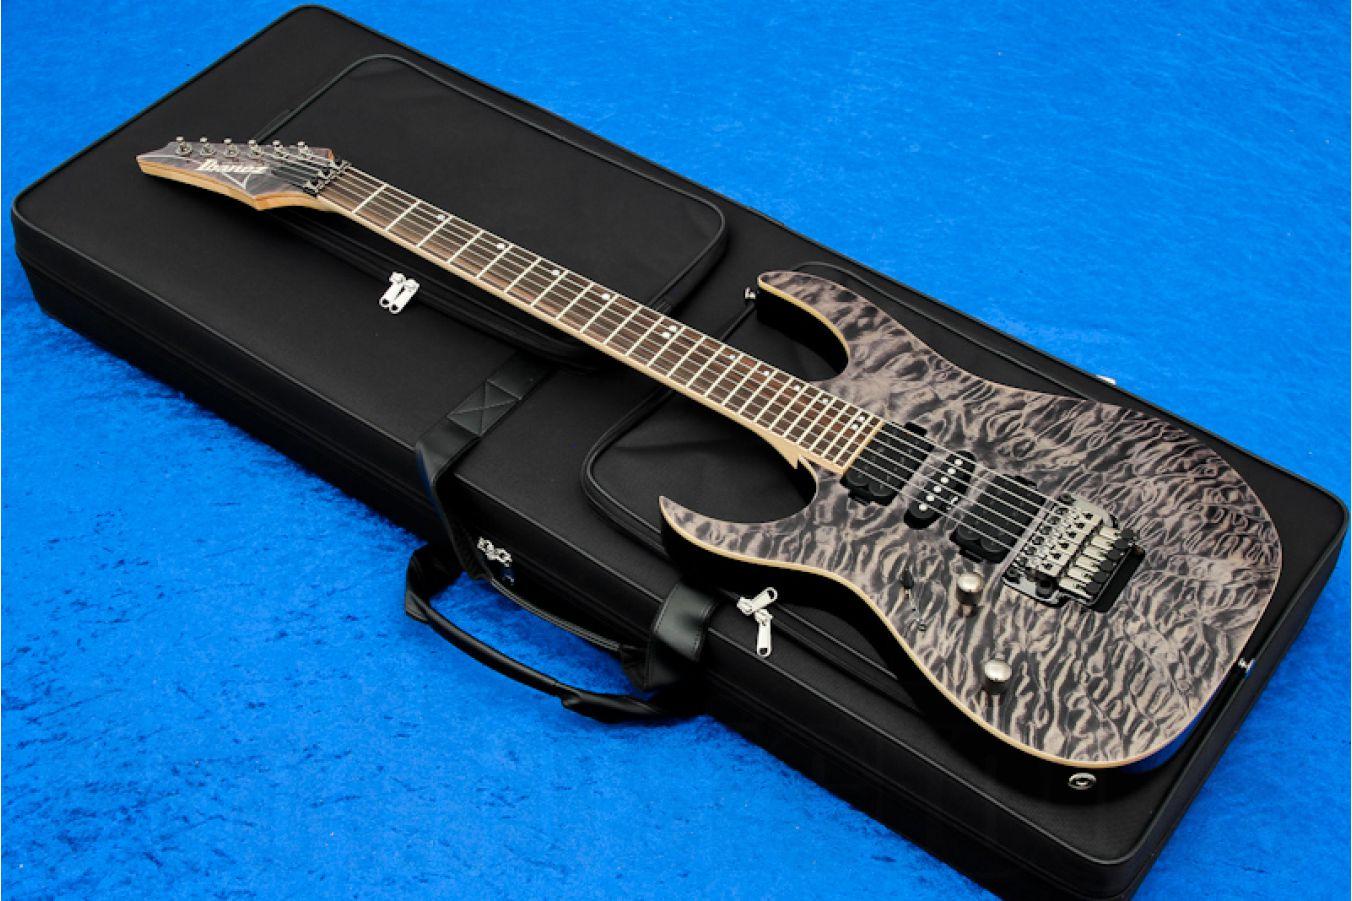 Ibanez RG870QMZL BI Premium - Lefthand - Black Ice